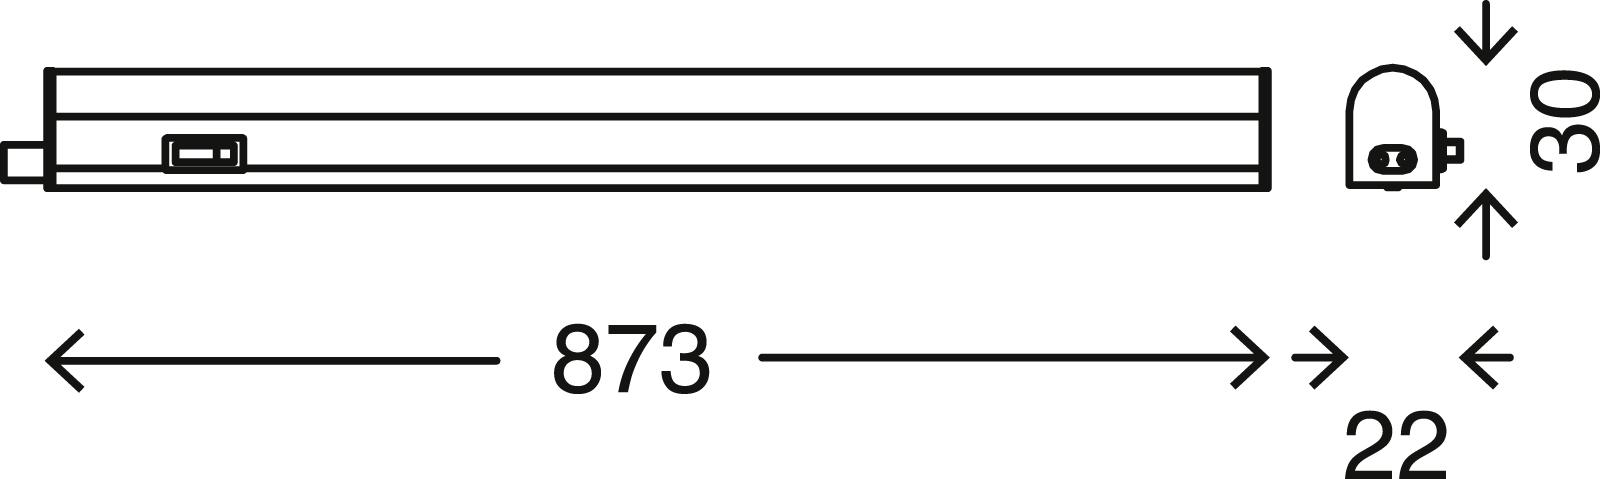 TELEFUNKEN LED Unterbauleuchte, 87,3 cm, 10 W, Weiss